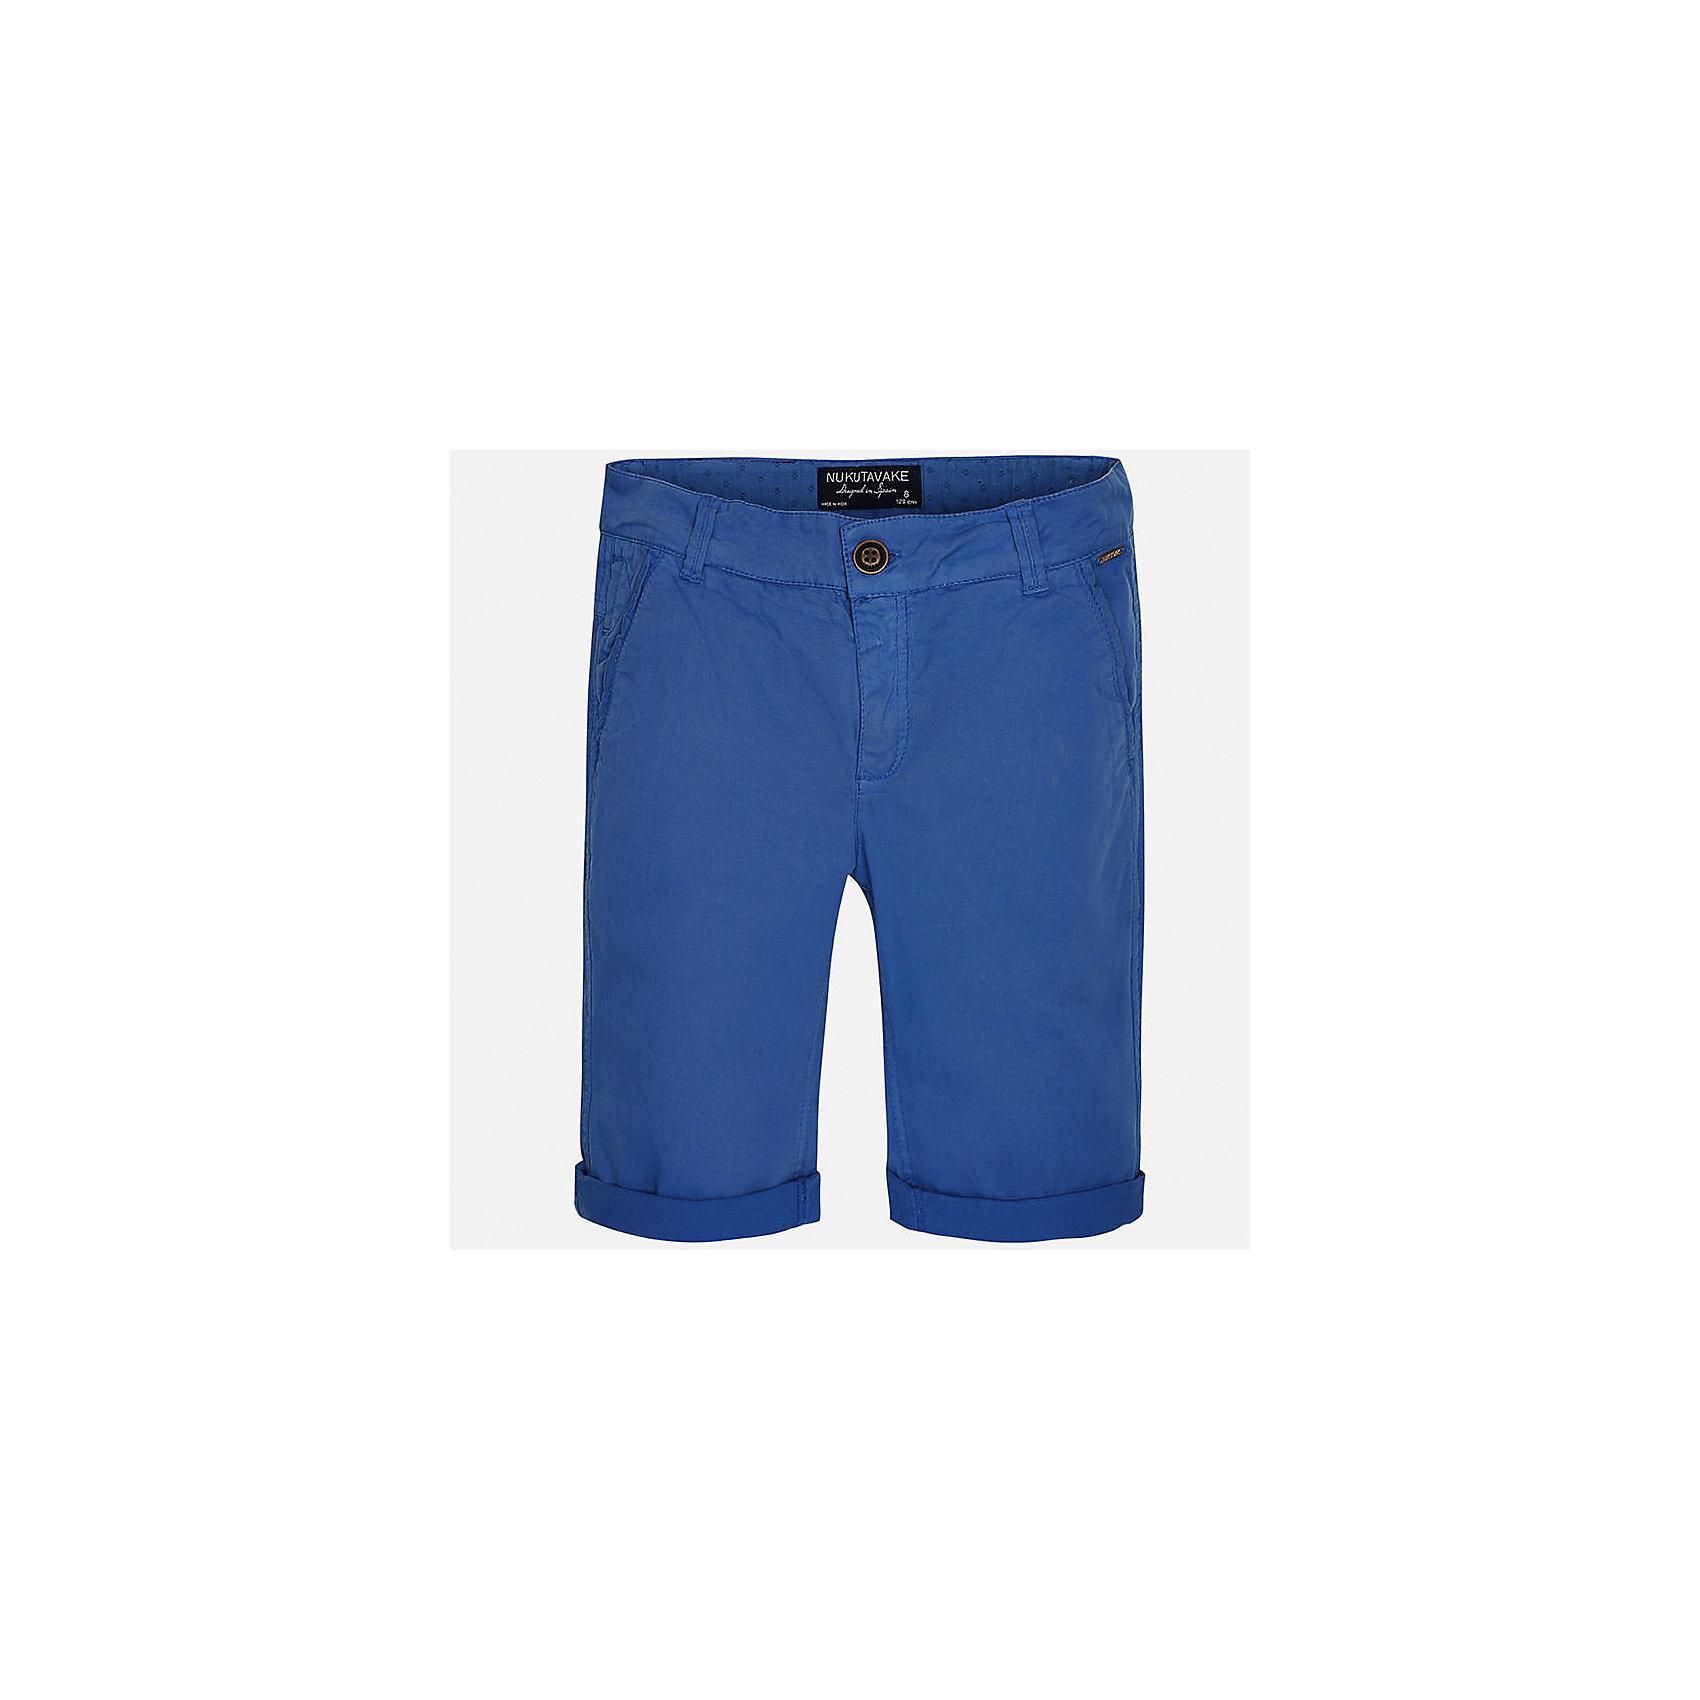 Бриджи для мальчика MayoralХарактеристики товара:<br><br>• цвет: синий<br>• состав: 98% хлопок, 2% эластан<br>• шлевки<br>• карманы<br>• пояс с регулировкой объема<br>• средняя длина<br>• страна бренда: Испания<br><br>Стильные шорты для мальчика смогут стать базовой вещью в гардеробе ребенка. Они отлично сочетаются с майками, футболками, рубашками и т.д. Универсальный крой и цвет позволяет подобрать к вещи верх разных расцветок. Практичное и стильное изделие! В составе материала - натуральный хлопок, гипоаллергенный, приятный на ощупь, дышащий.<br><br>Одежда, обувь и аксессуары от испанского бренда Mayoral полюбились детям и взрослым по всему миру. Модели этой марки - стильные и удобные. Для их производства используются только безопасные, качественные материалы и фурнитура. Порадуйте ребенка модными и красивыми вещами от Mayoral! <br><br>Шорты для мальчика от испанского бренда Mayoral (Майорал) можно купить в нашем интернет-магазине.<br><br>Ширина мм: 191<br>Глубина мм: 10<br>Высота мм: 175<br>Вес г: 273<br>Цвет: синий<br>Возраст от месяцев: 84<br>Возраст до месяцев: 96<br>Пол: Мужской<br>Возраст: Детский<br>Размер: 128/134,158,170,164,152,140<br>SKU: 5281776